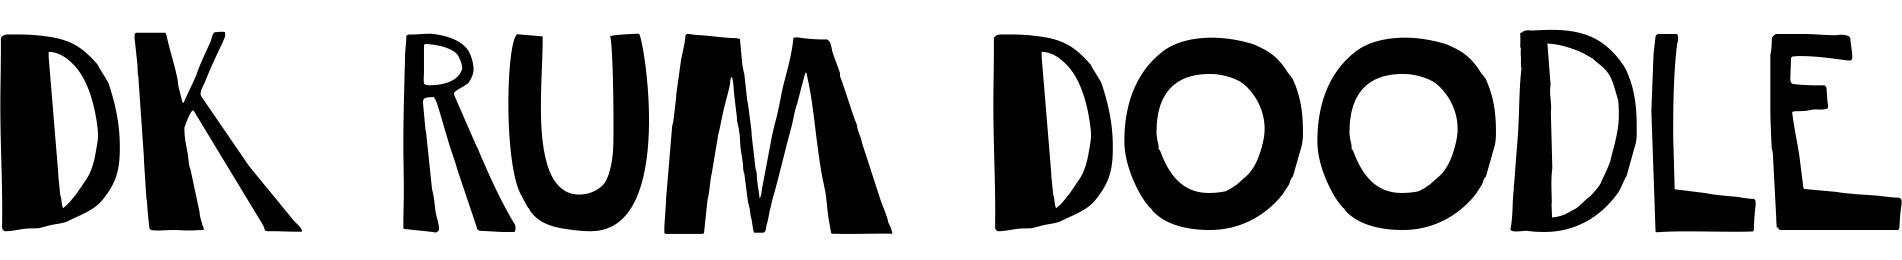 DK Rum Doodle